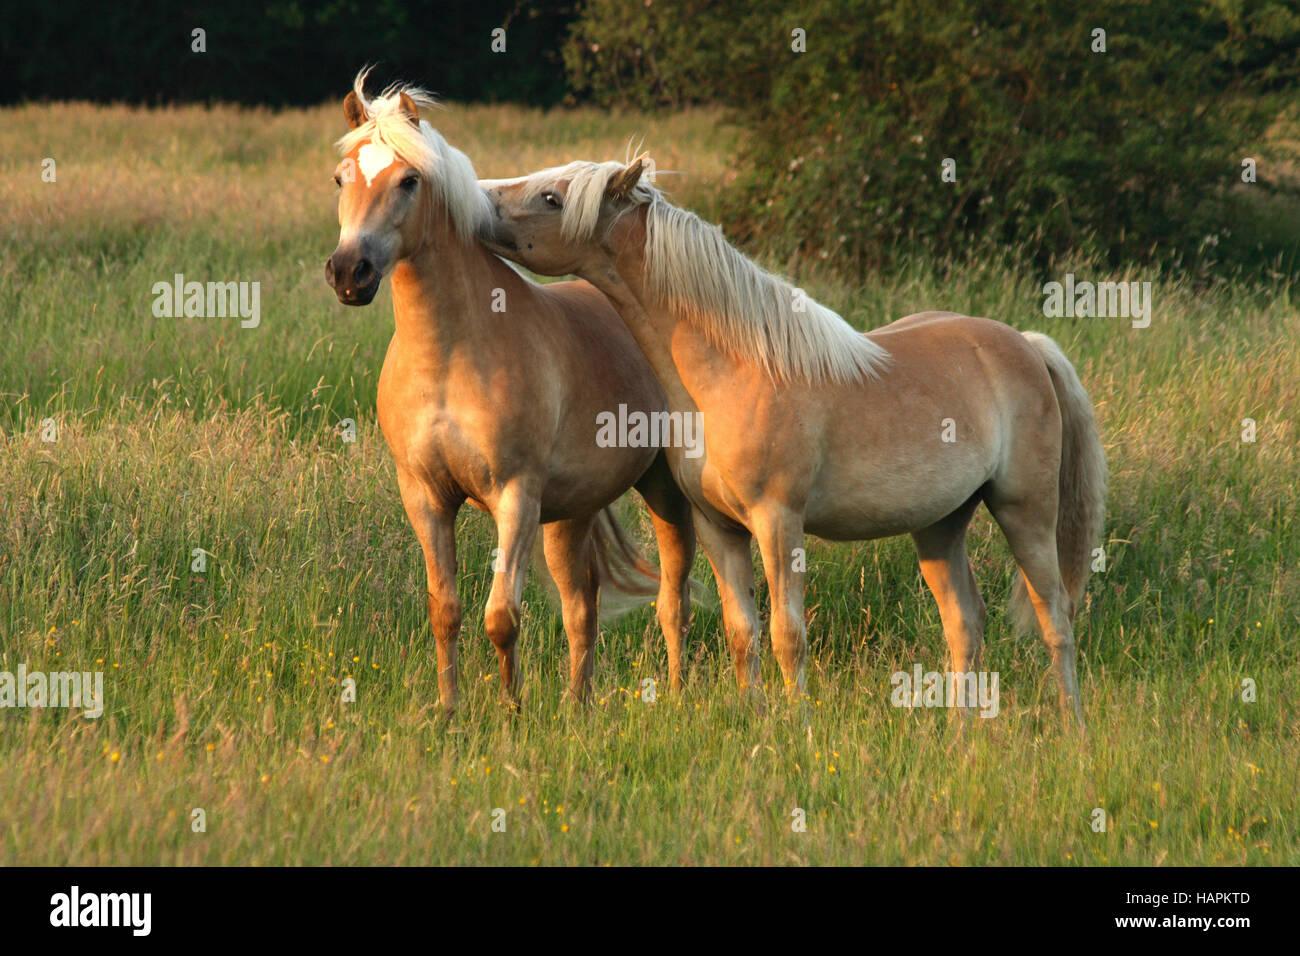 Haflinger Pferde, Haflinger Horses - Stock Image